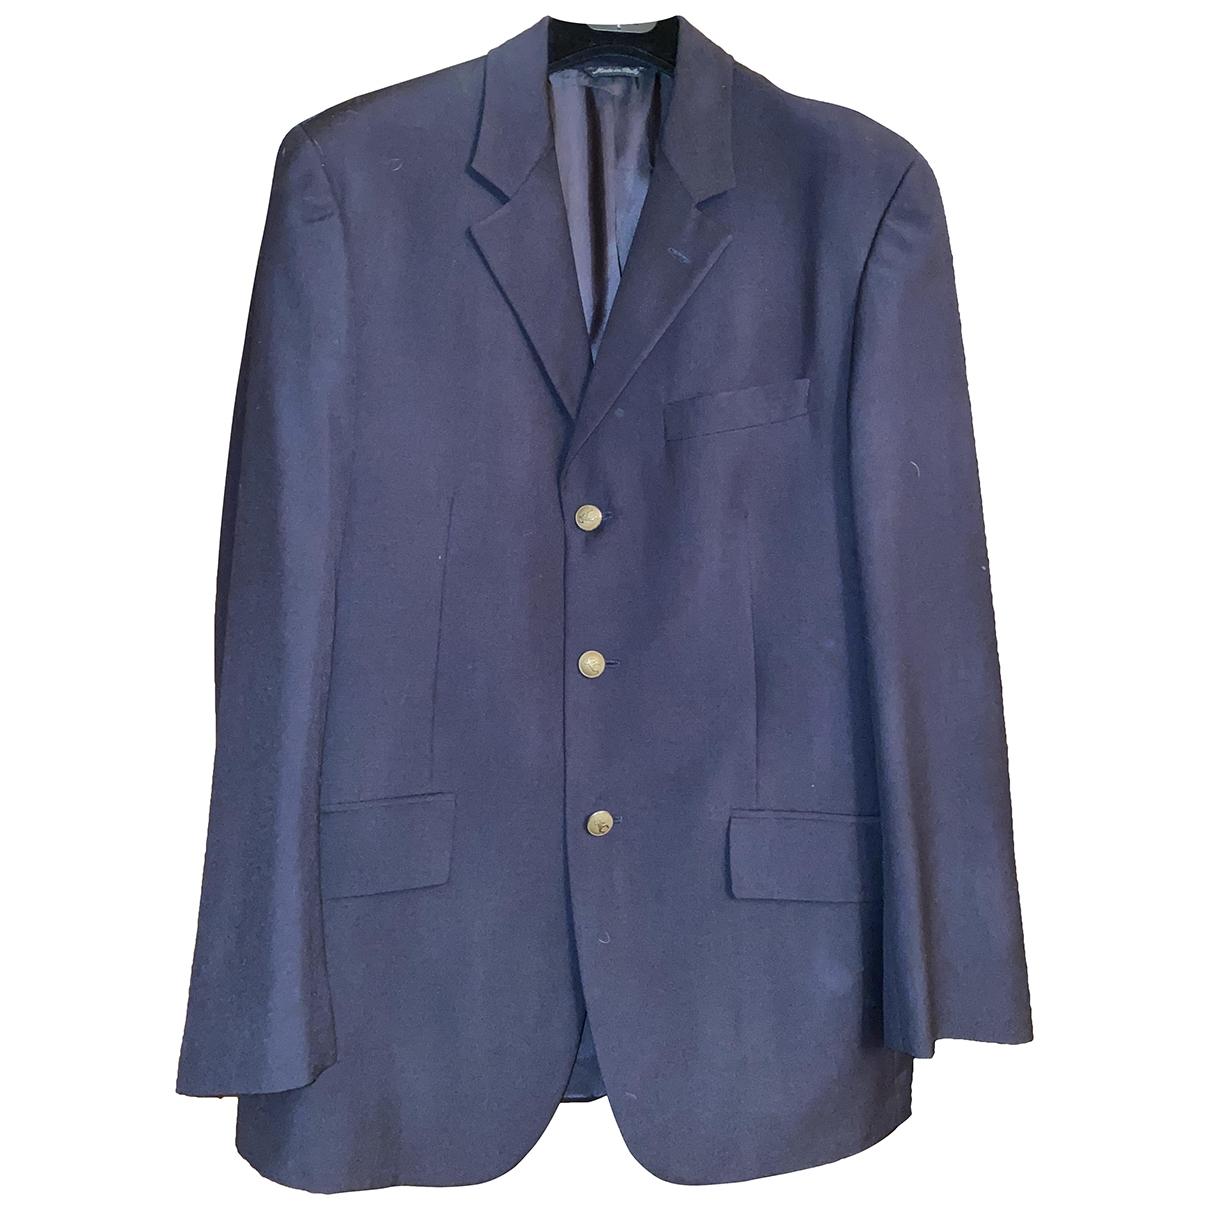 Moschino Cheap And Chic - Vestes.Blousons   pour homme en laine - bleu